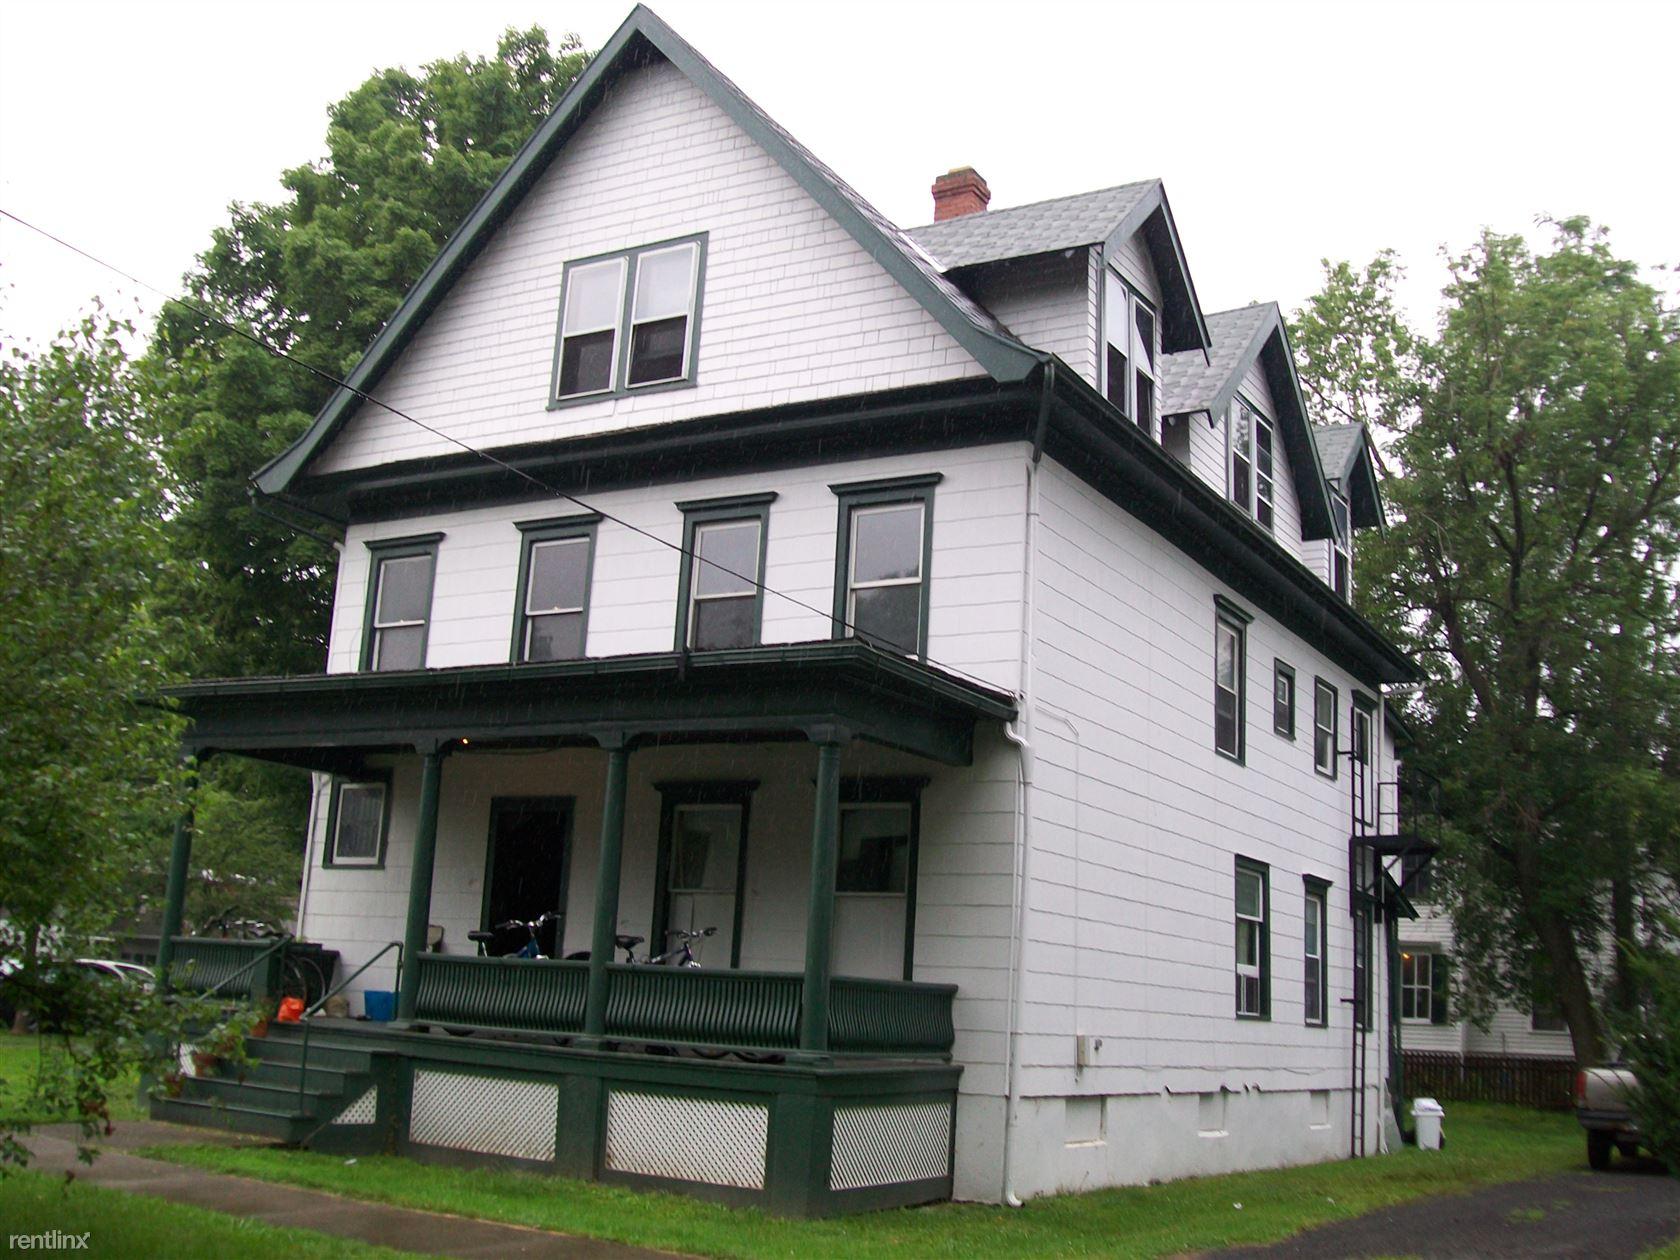 702 N. Aurora St Apt #3, Ithaca, NE - $1,560